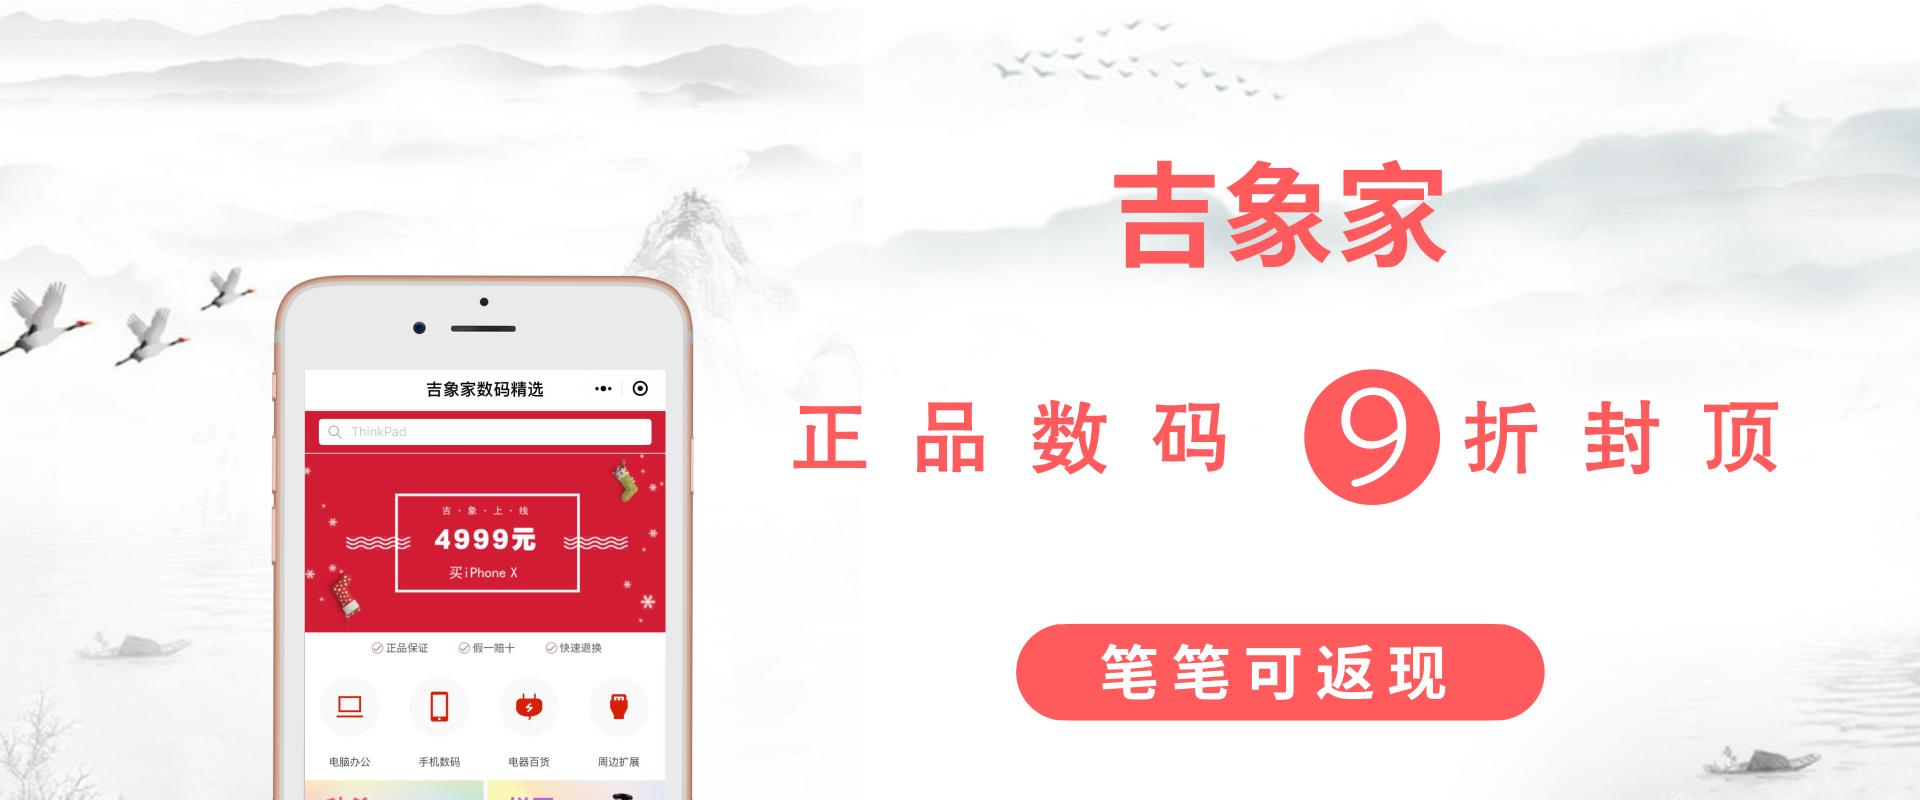 吉象家官网banner